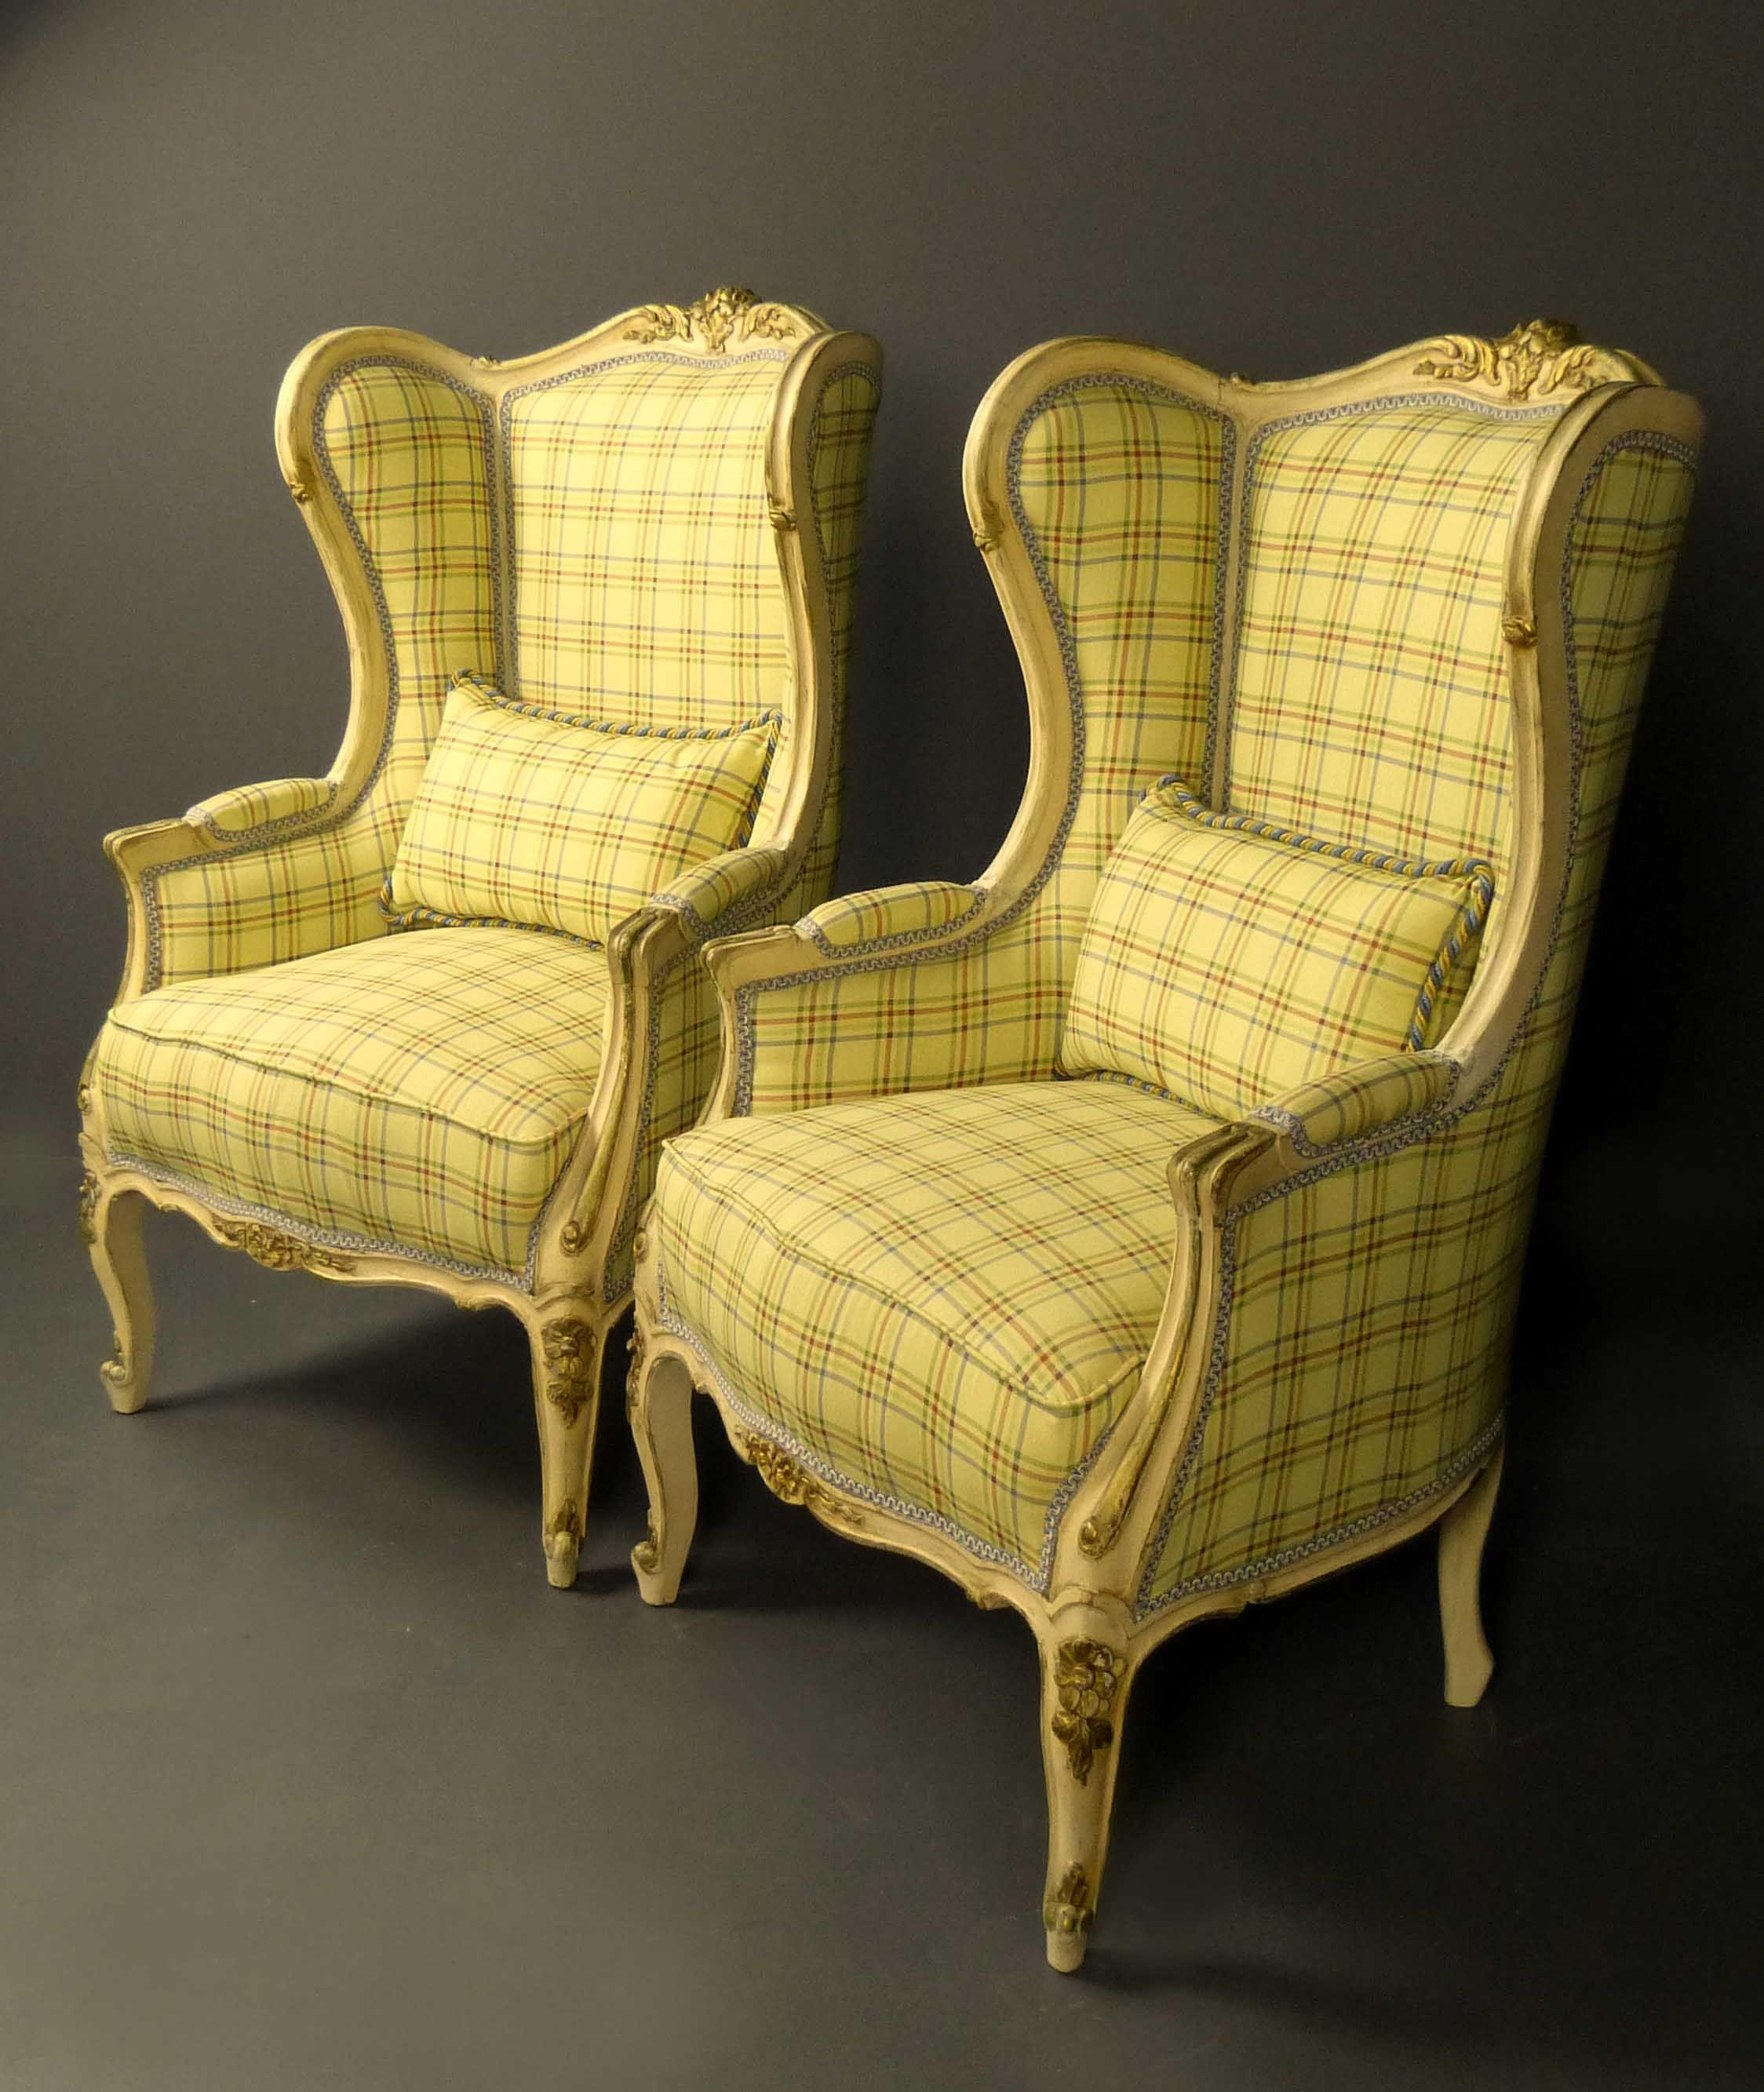 Orejeras de estilo barroco con influencia luis xv german wingchairs sold antig edades sillas - Muebles estilo antiguo ...